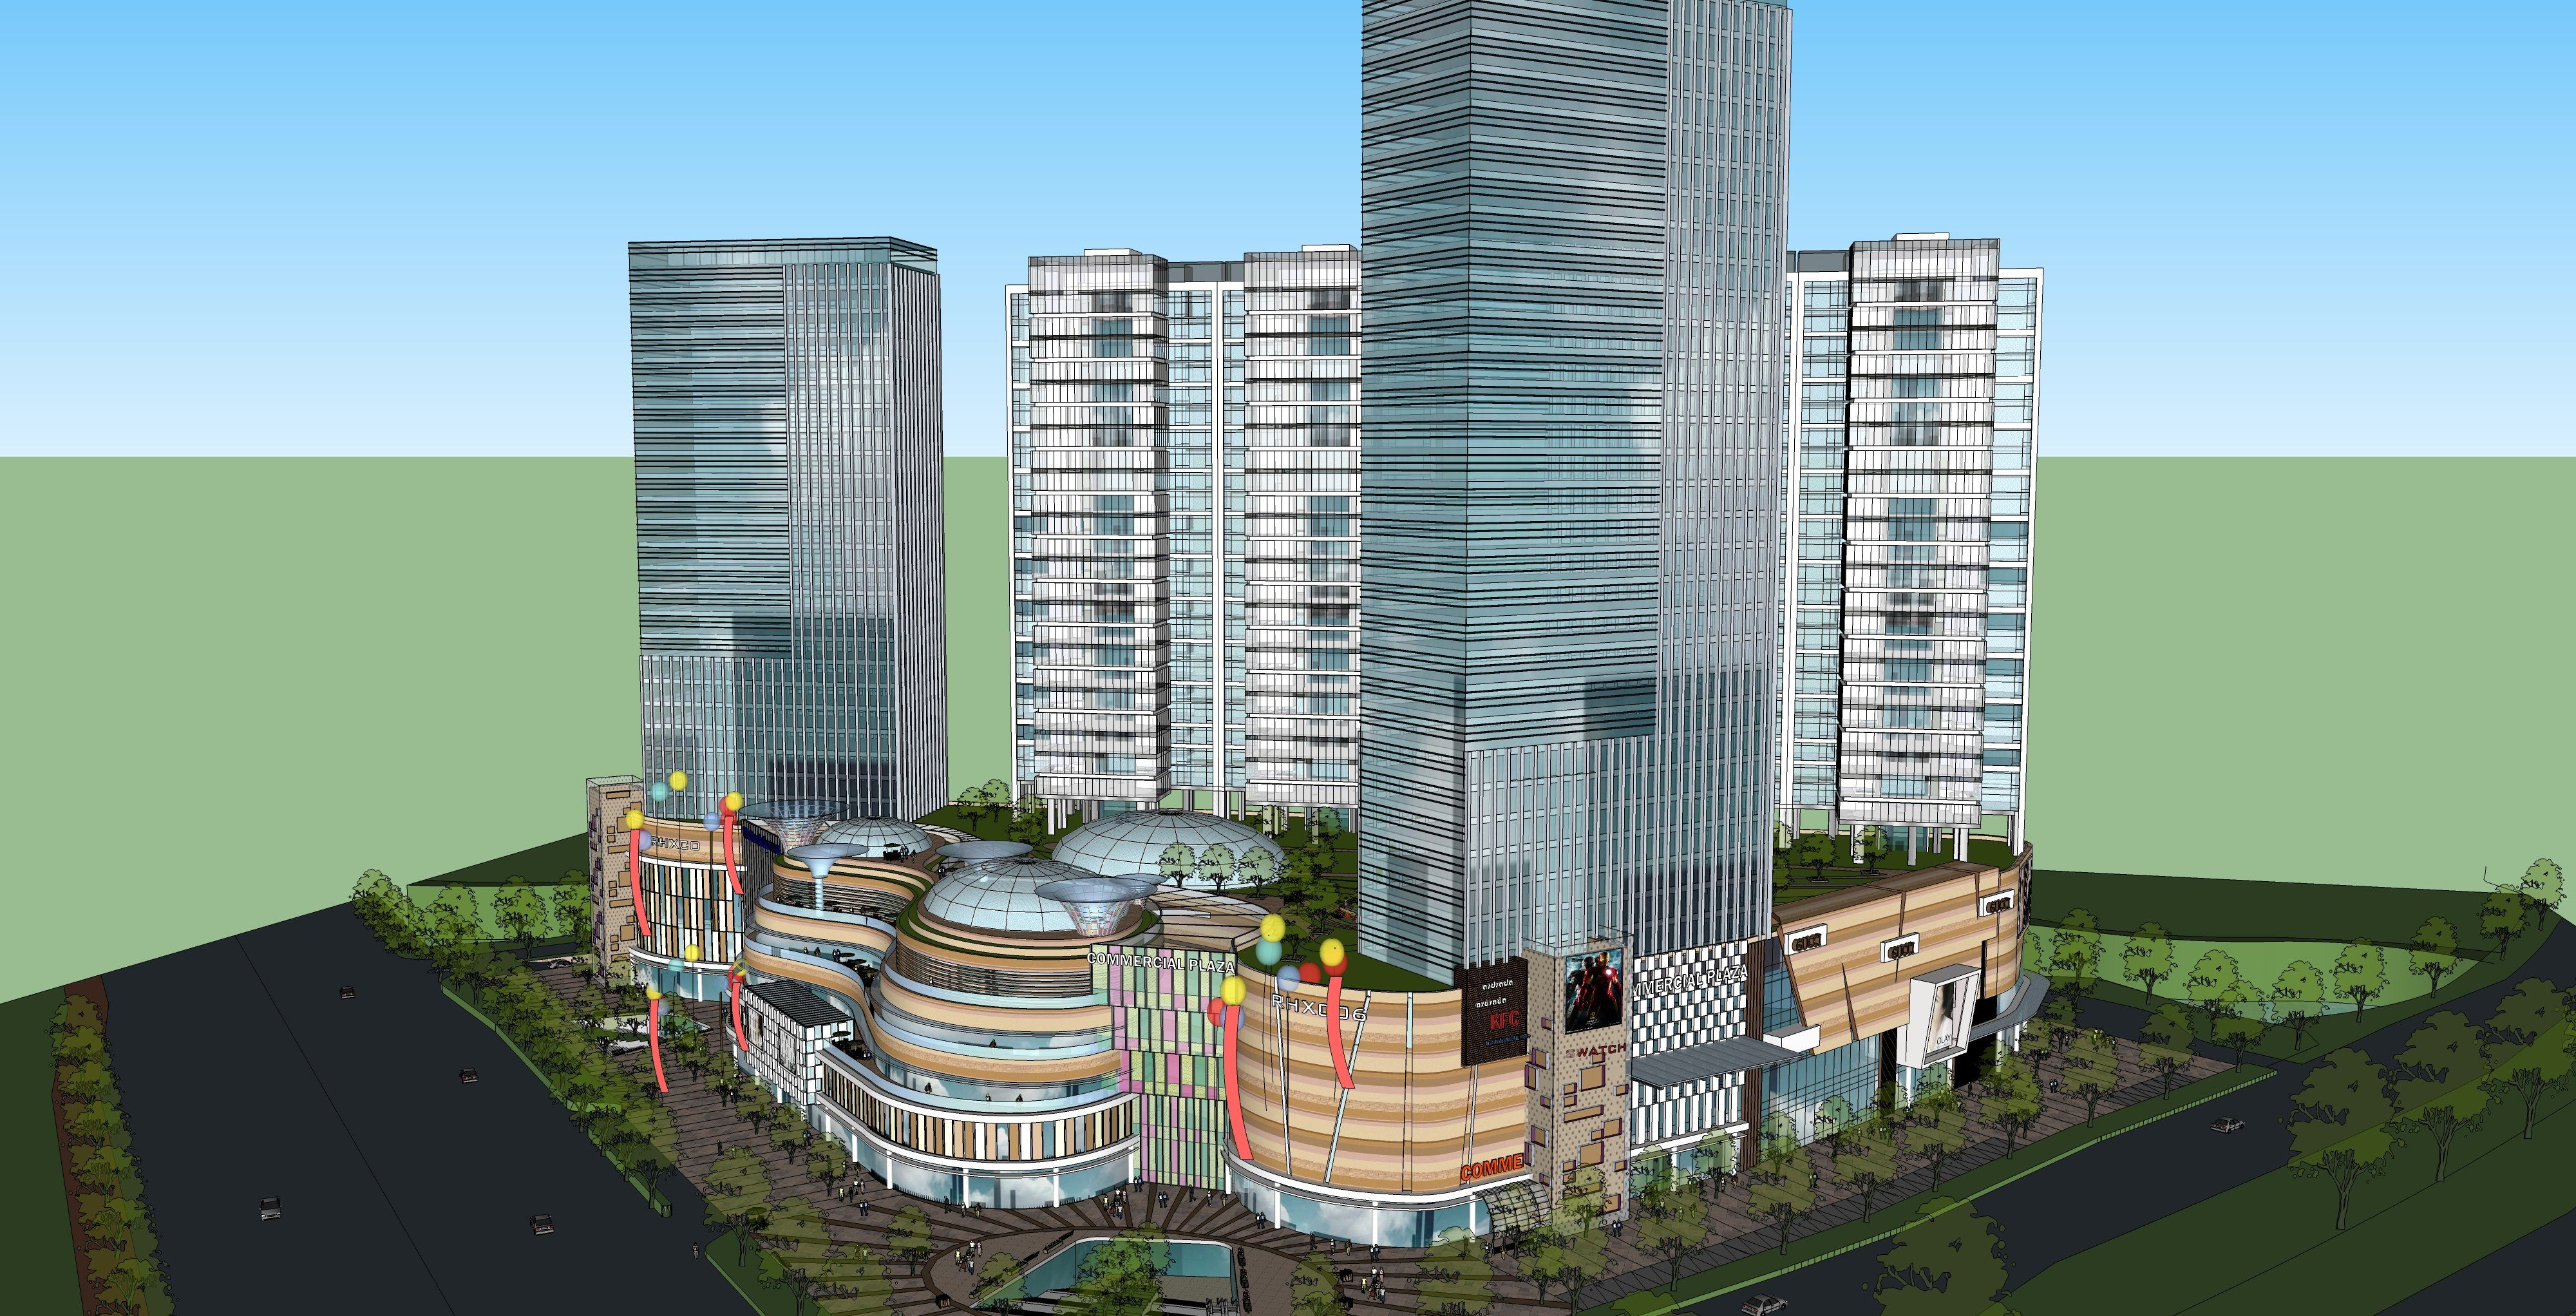 ☆Sketchup 3D Models-Business Building Sketchup Models 11